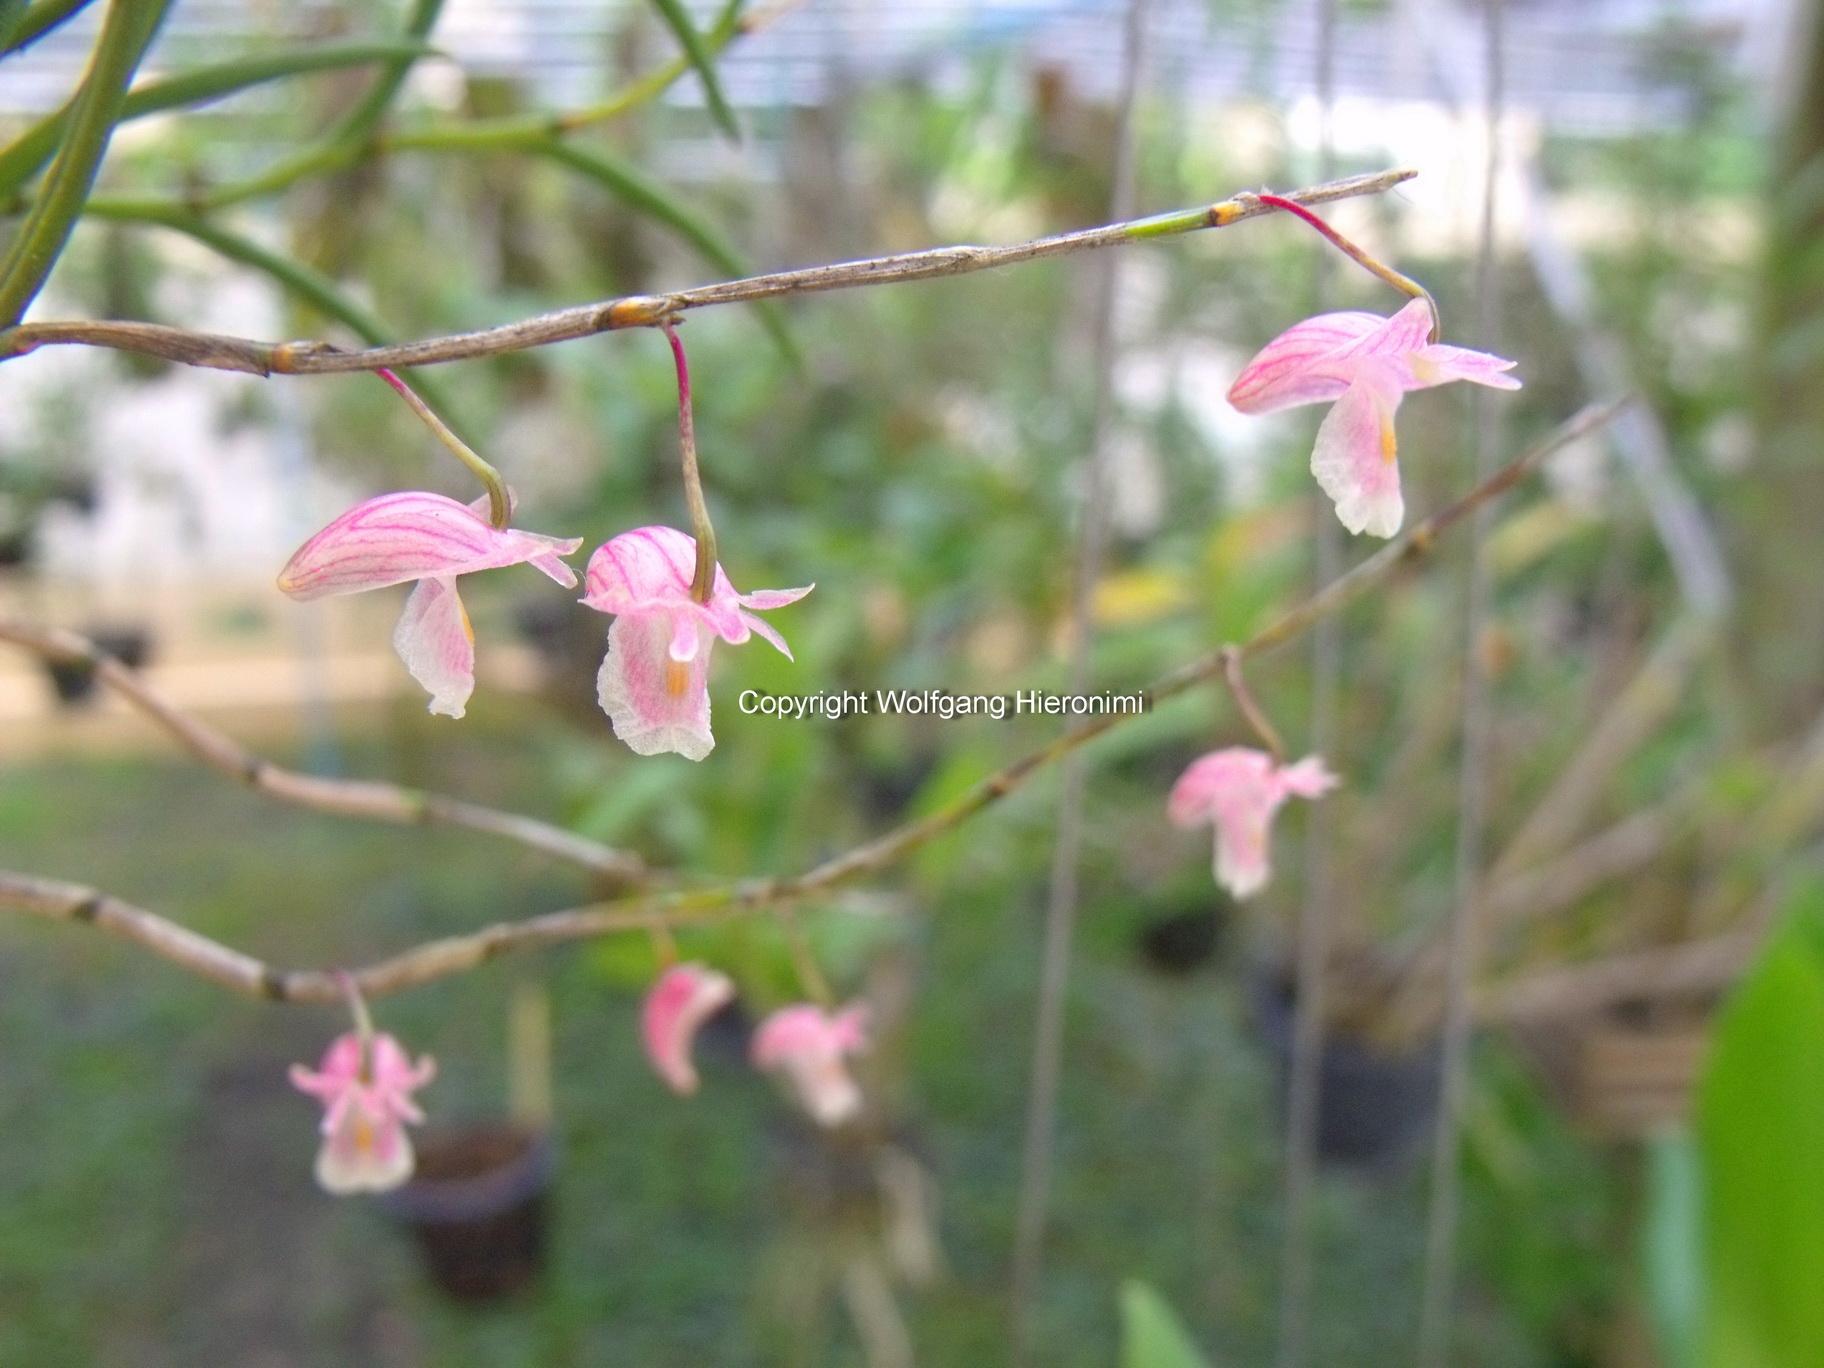 http://images4.wikia.nocookie.net/__cb20111102043630/orchids/en/images/1/13/Dendrobium_acerosum01.jpg